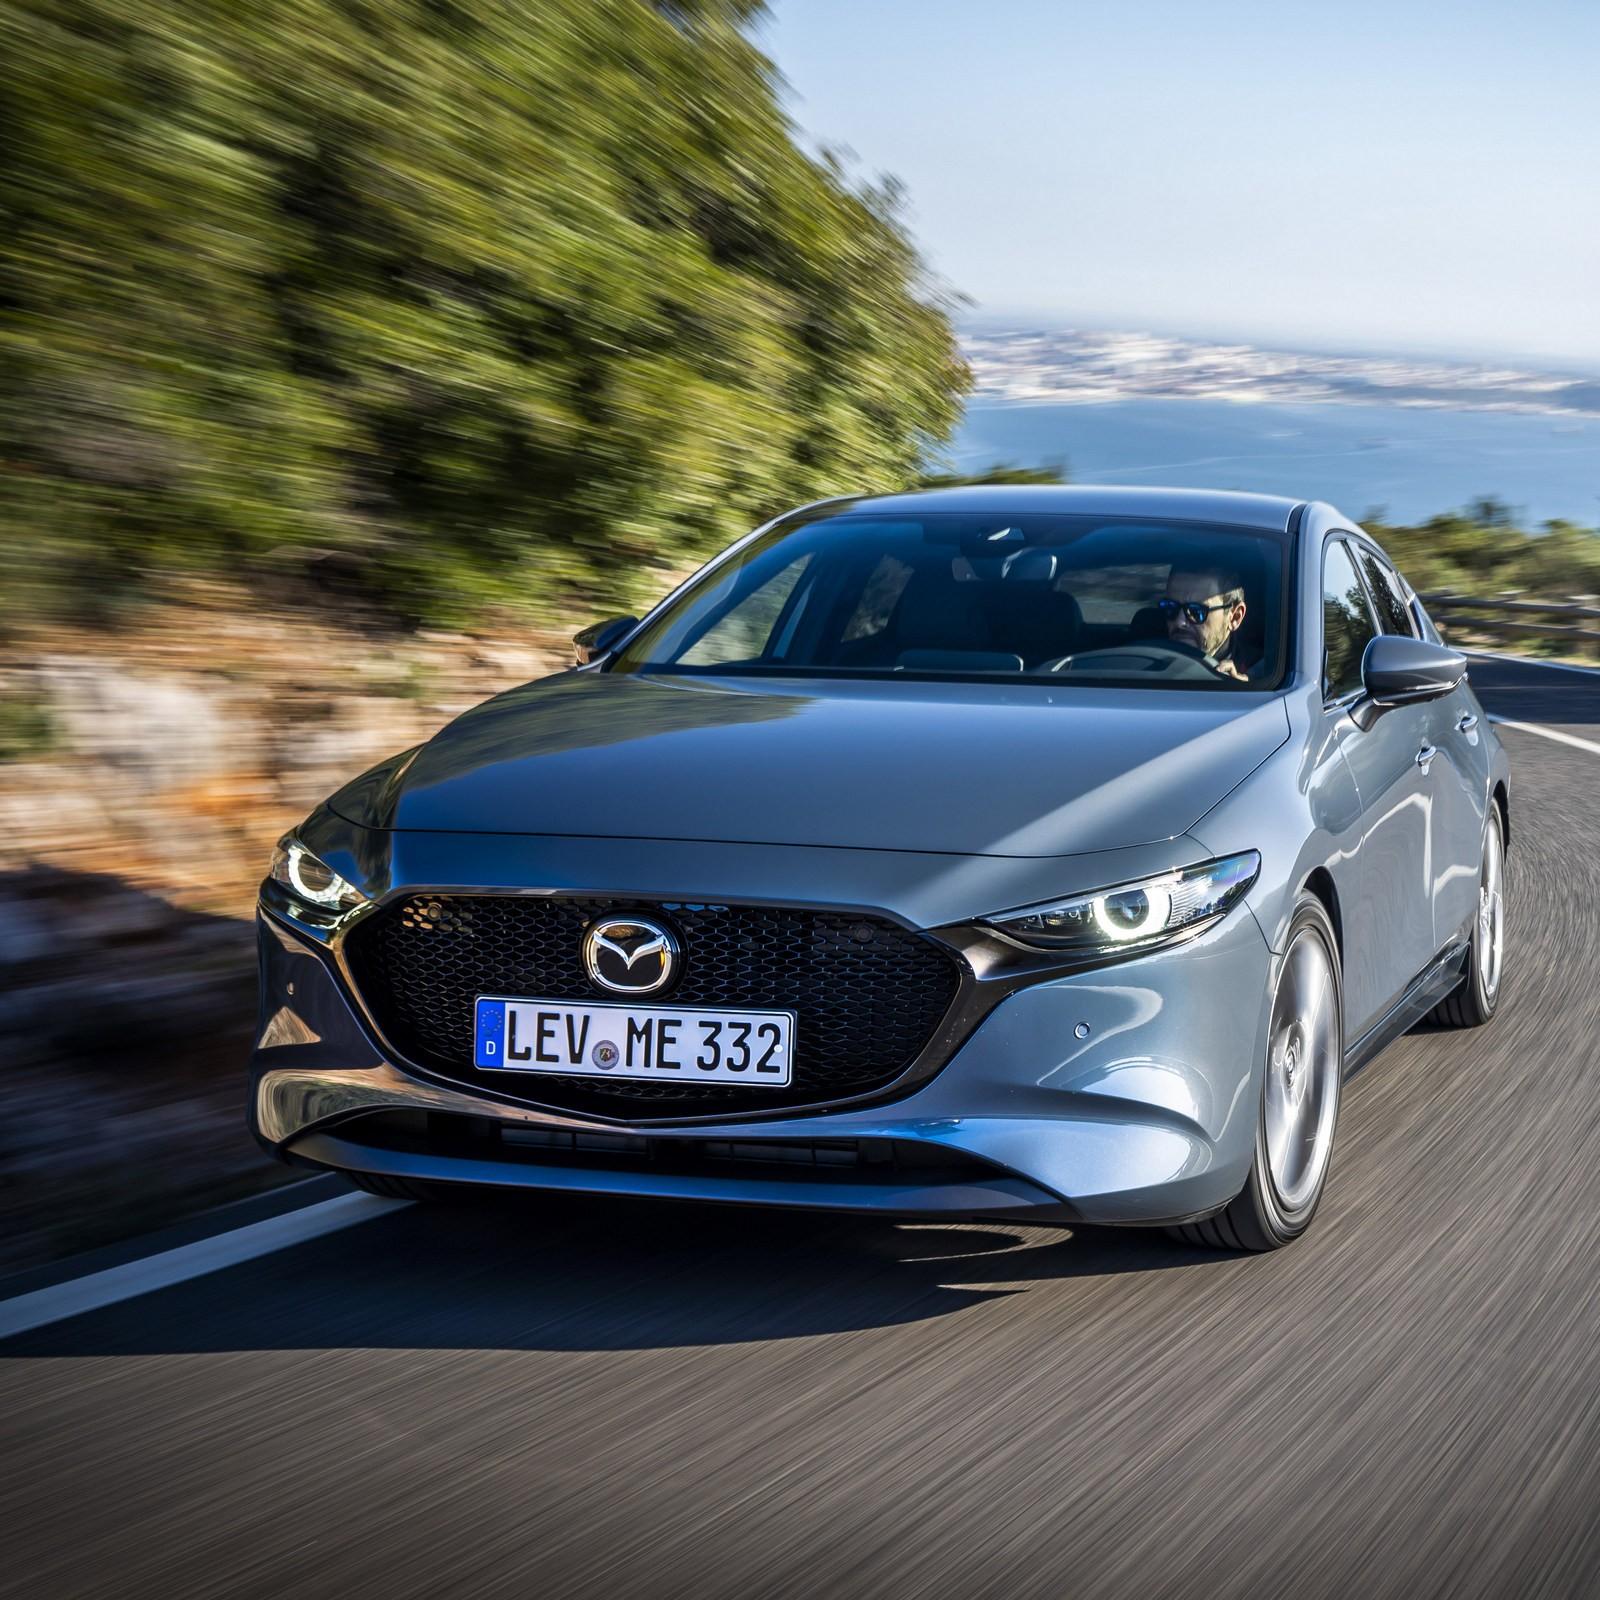 Mazda приостановила поставки в Россию модели Mazda 3 из-за действий правительства РФ